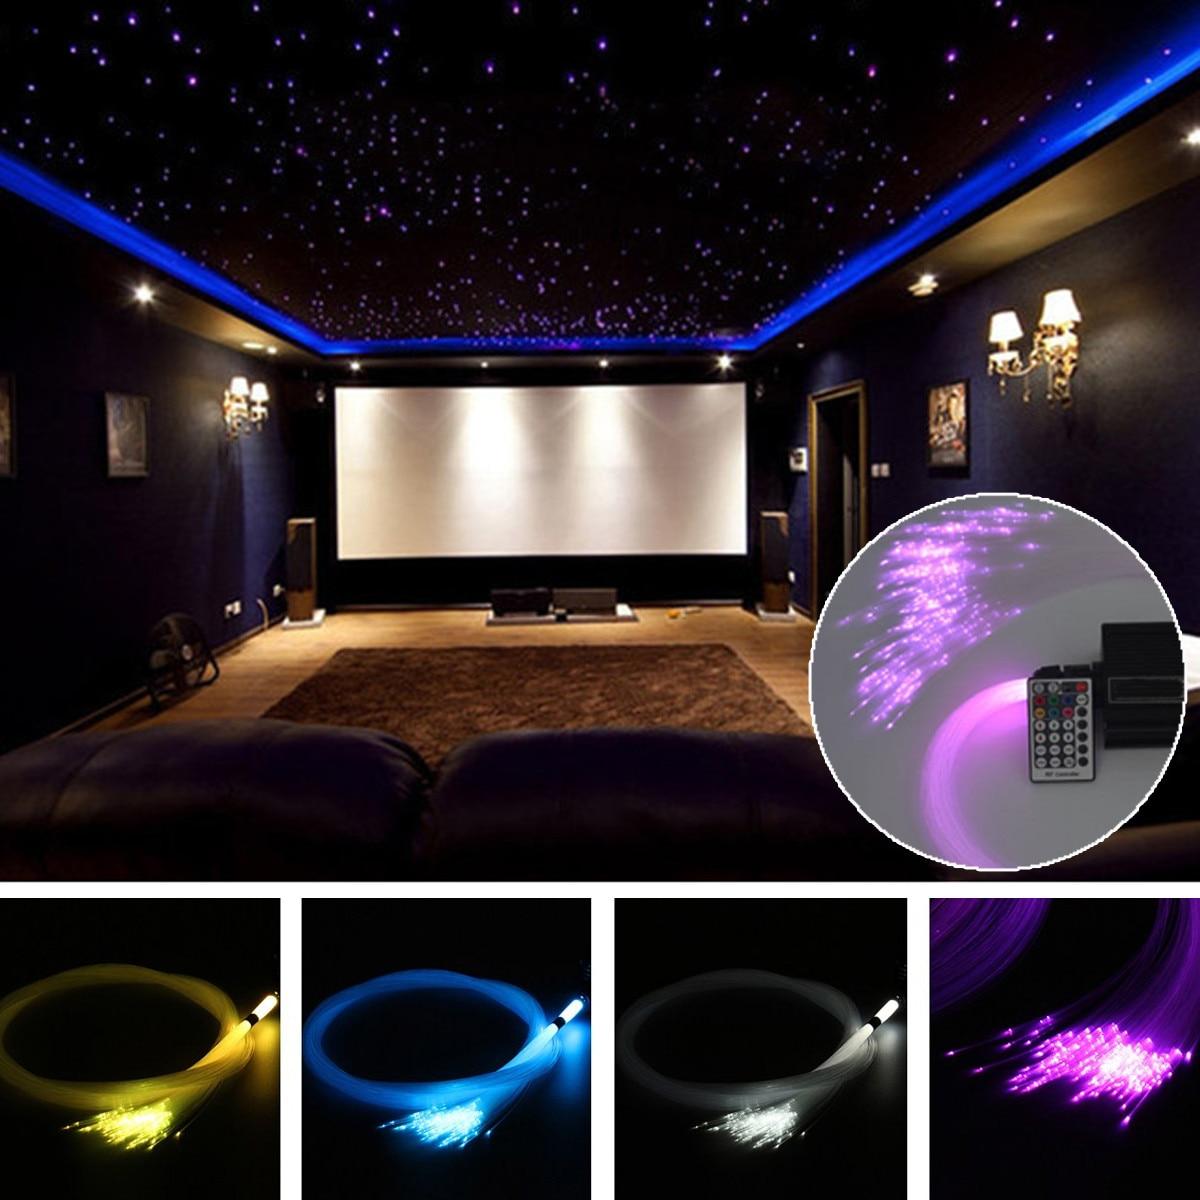 150Pcs 0.75mm X 2m RGB Fiber Optic Lights DIY  LED Strips Star Ceiling Light Romantic Decor Kit For Fiber Optic Light Machine